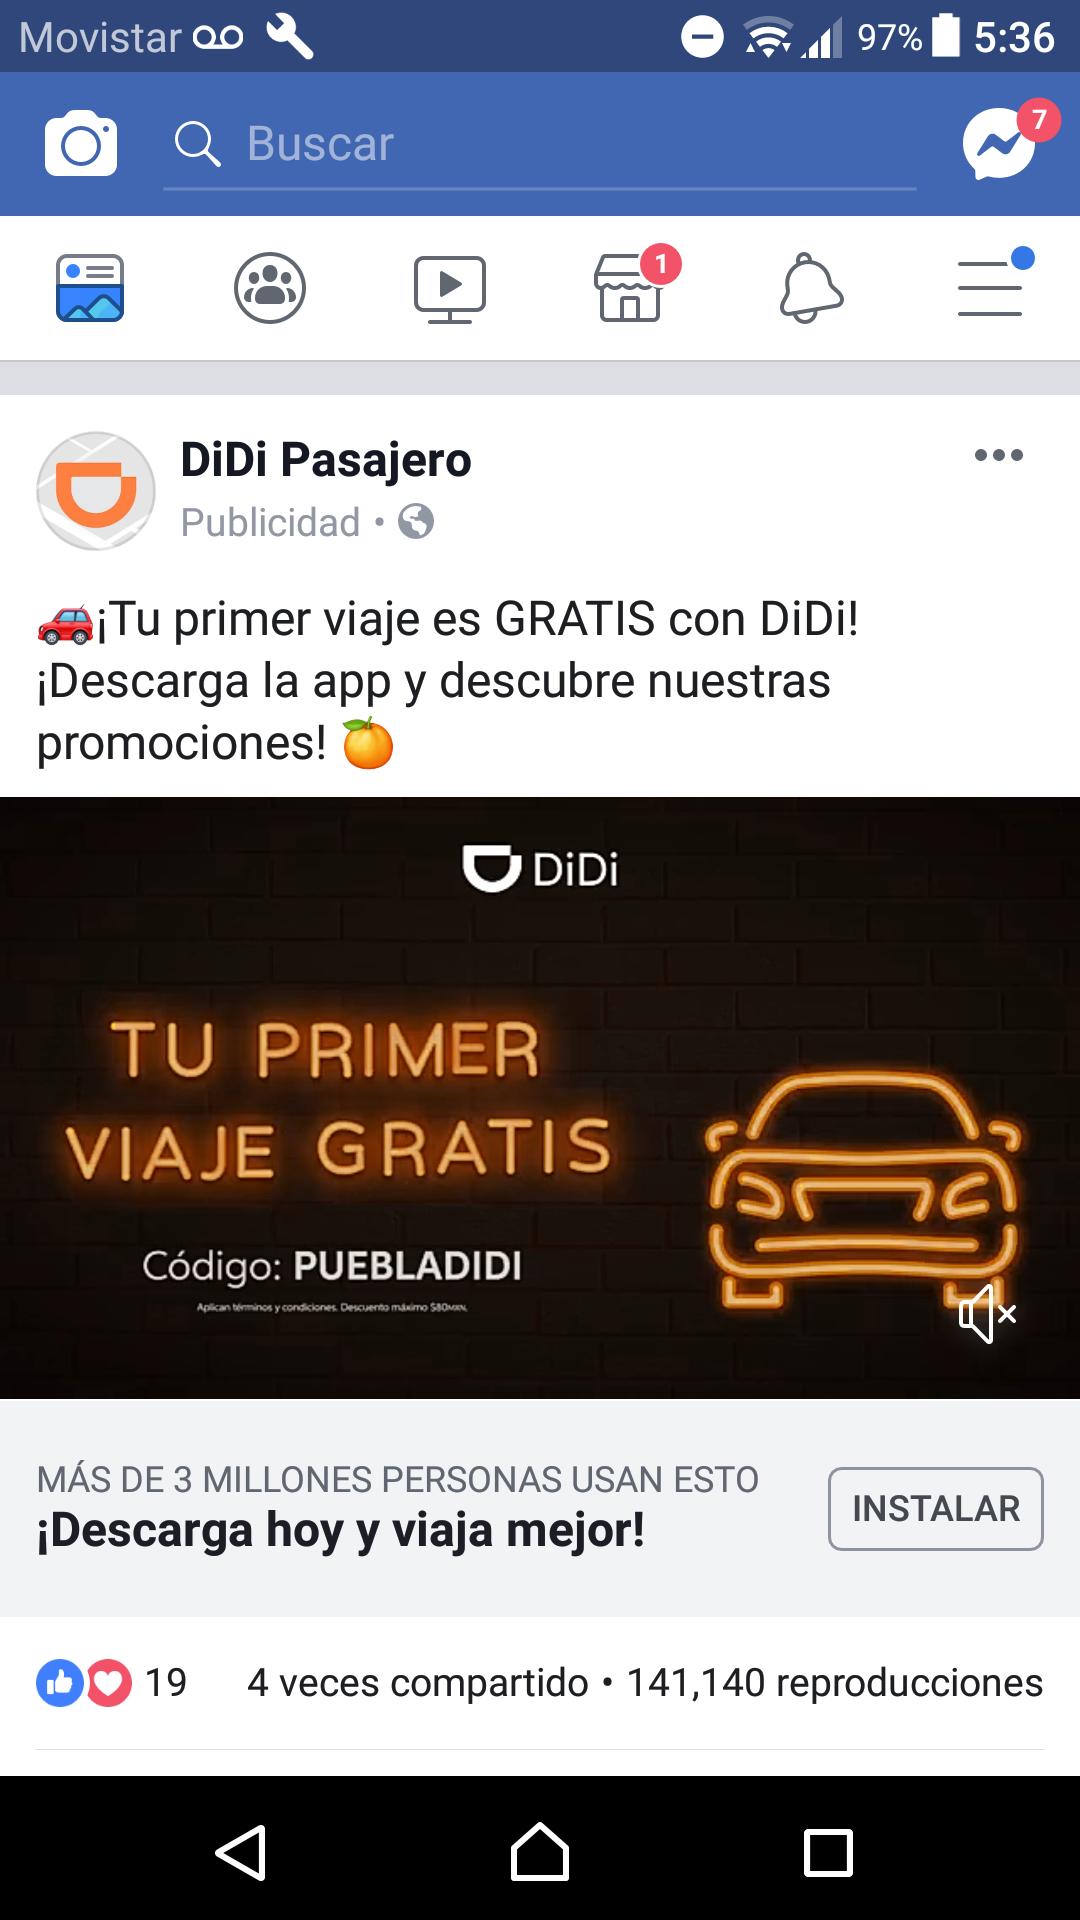 Didi: Primer viaje gratis en Puebla